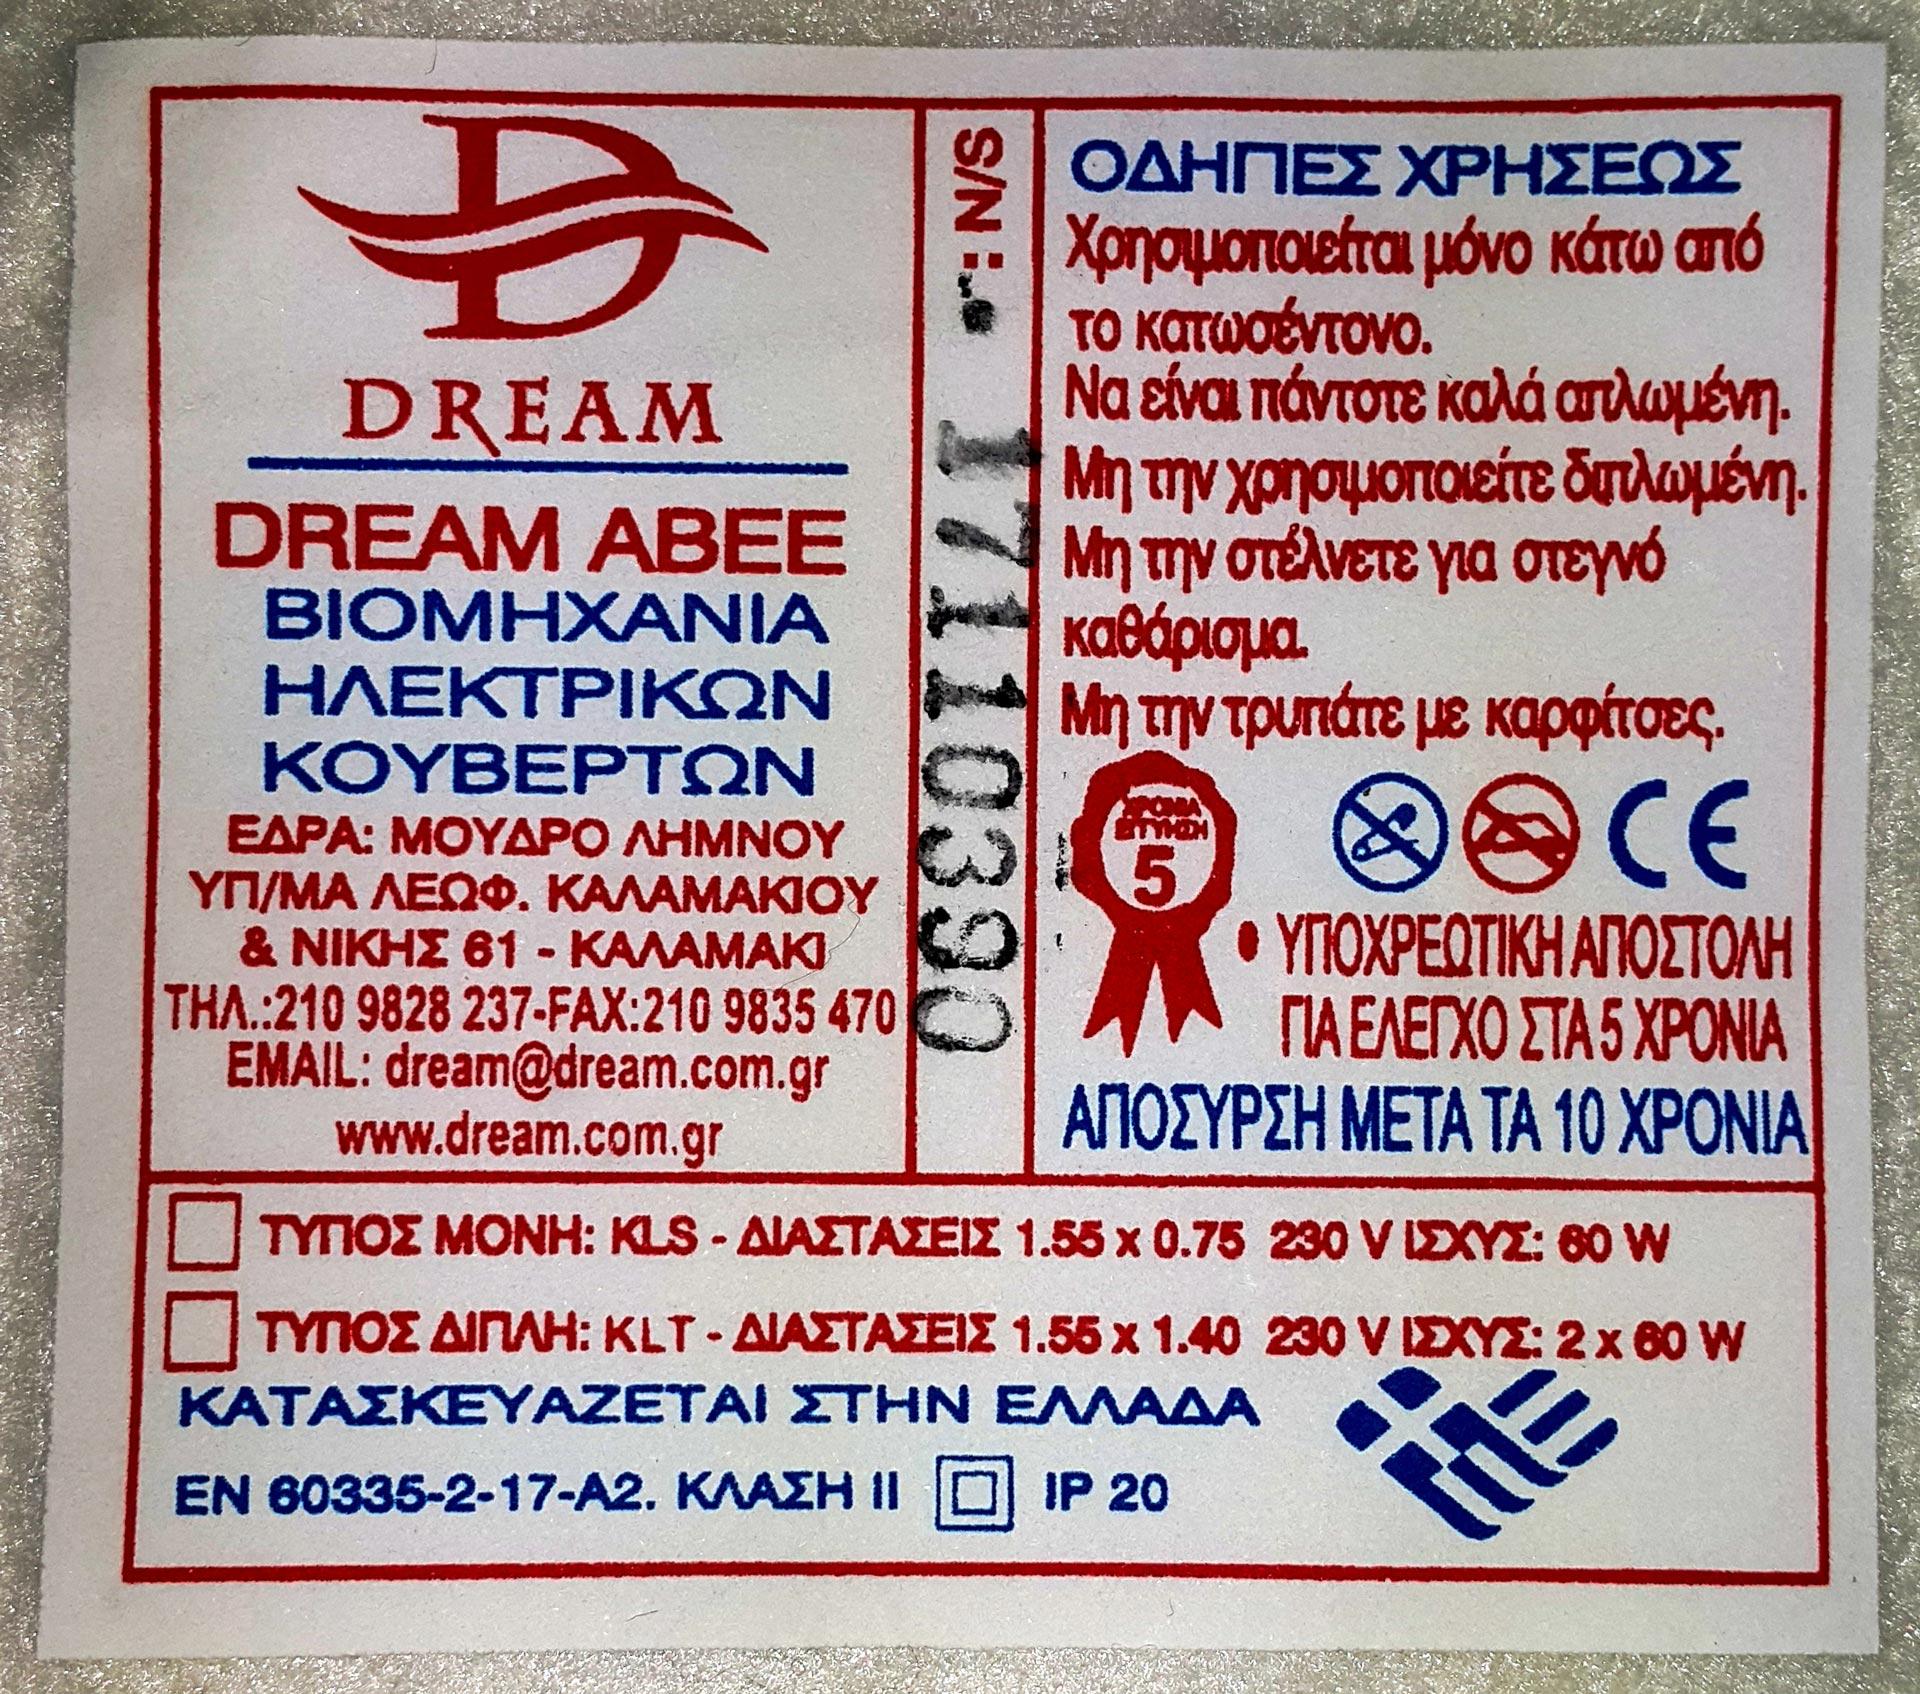 Εγγύηση - Ταυτότητα Κουβέρτας Dream